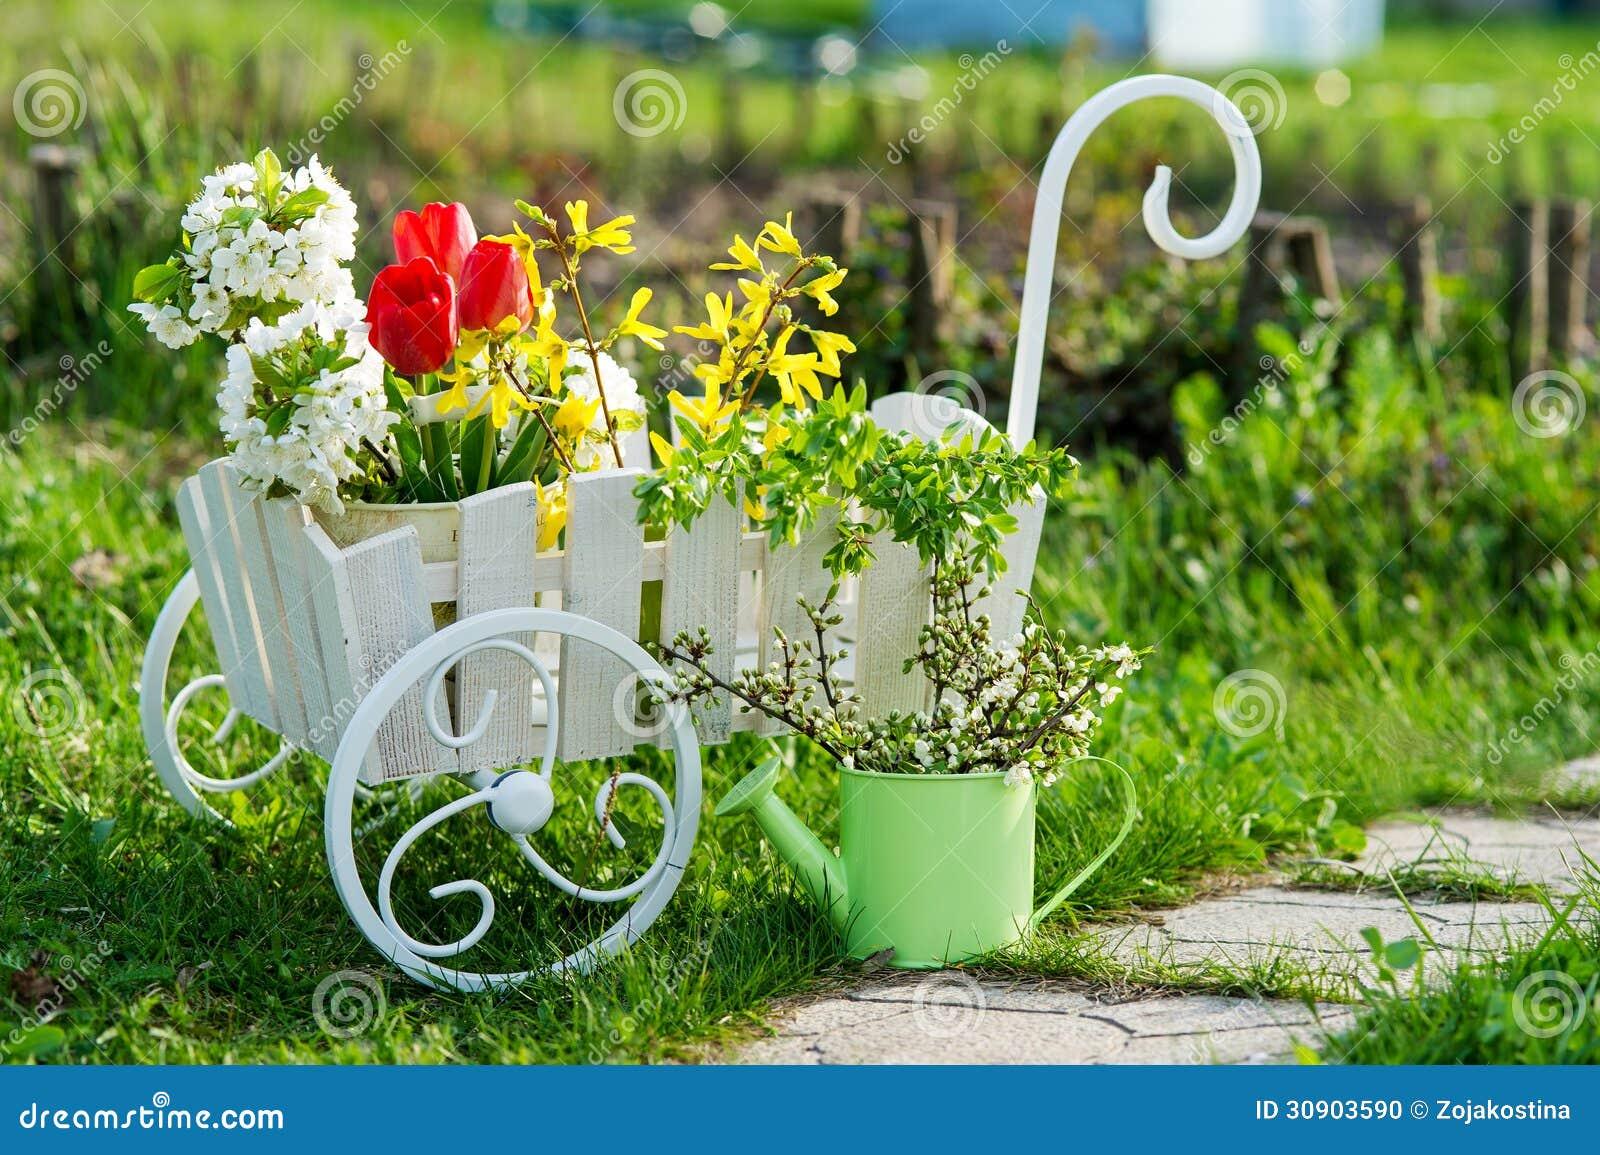 Carriola con i fiori nel giardino fotografia stock for Fiori da giardino